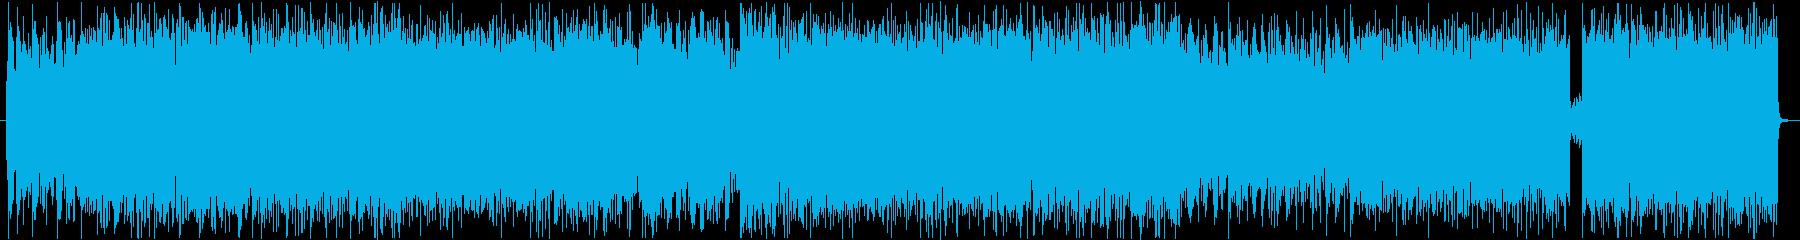 ヘヴィなリフが特徴的なギター曲の再生済みの波形